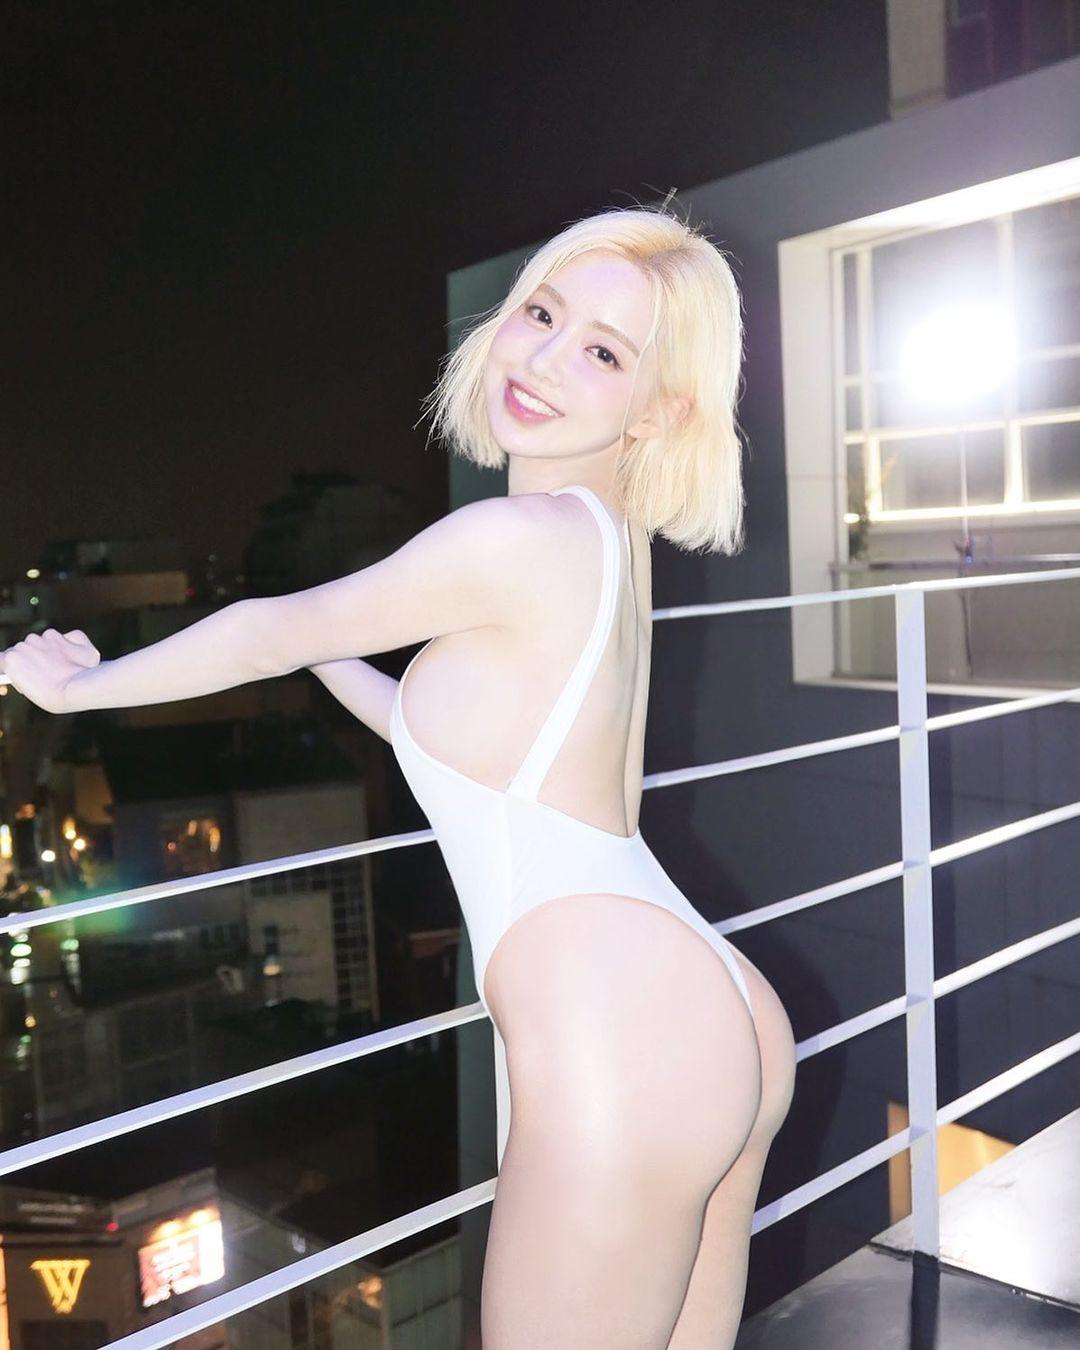 Hwang So-hee